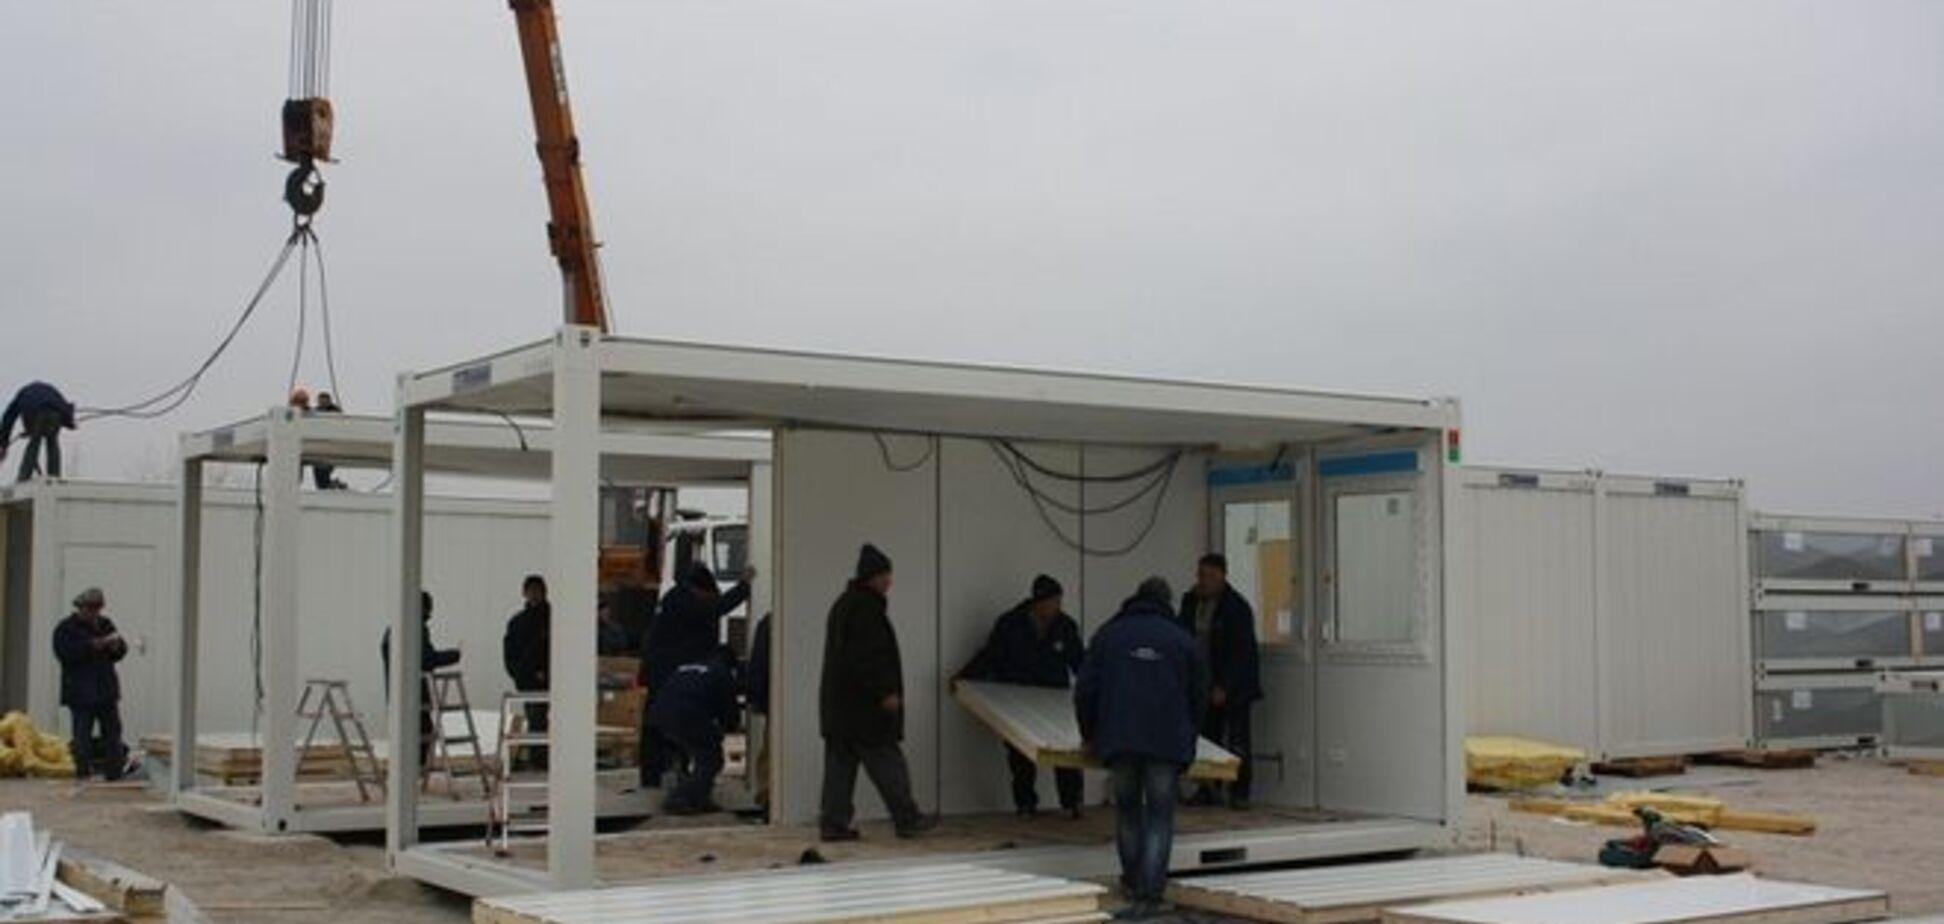 Уникальный бизнес-проект: переселенцы сами соберут себе дома, а потом увезут их на Донбасс